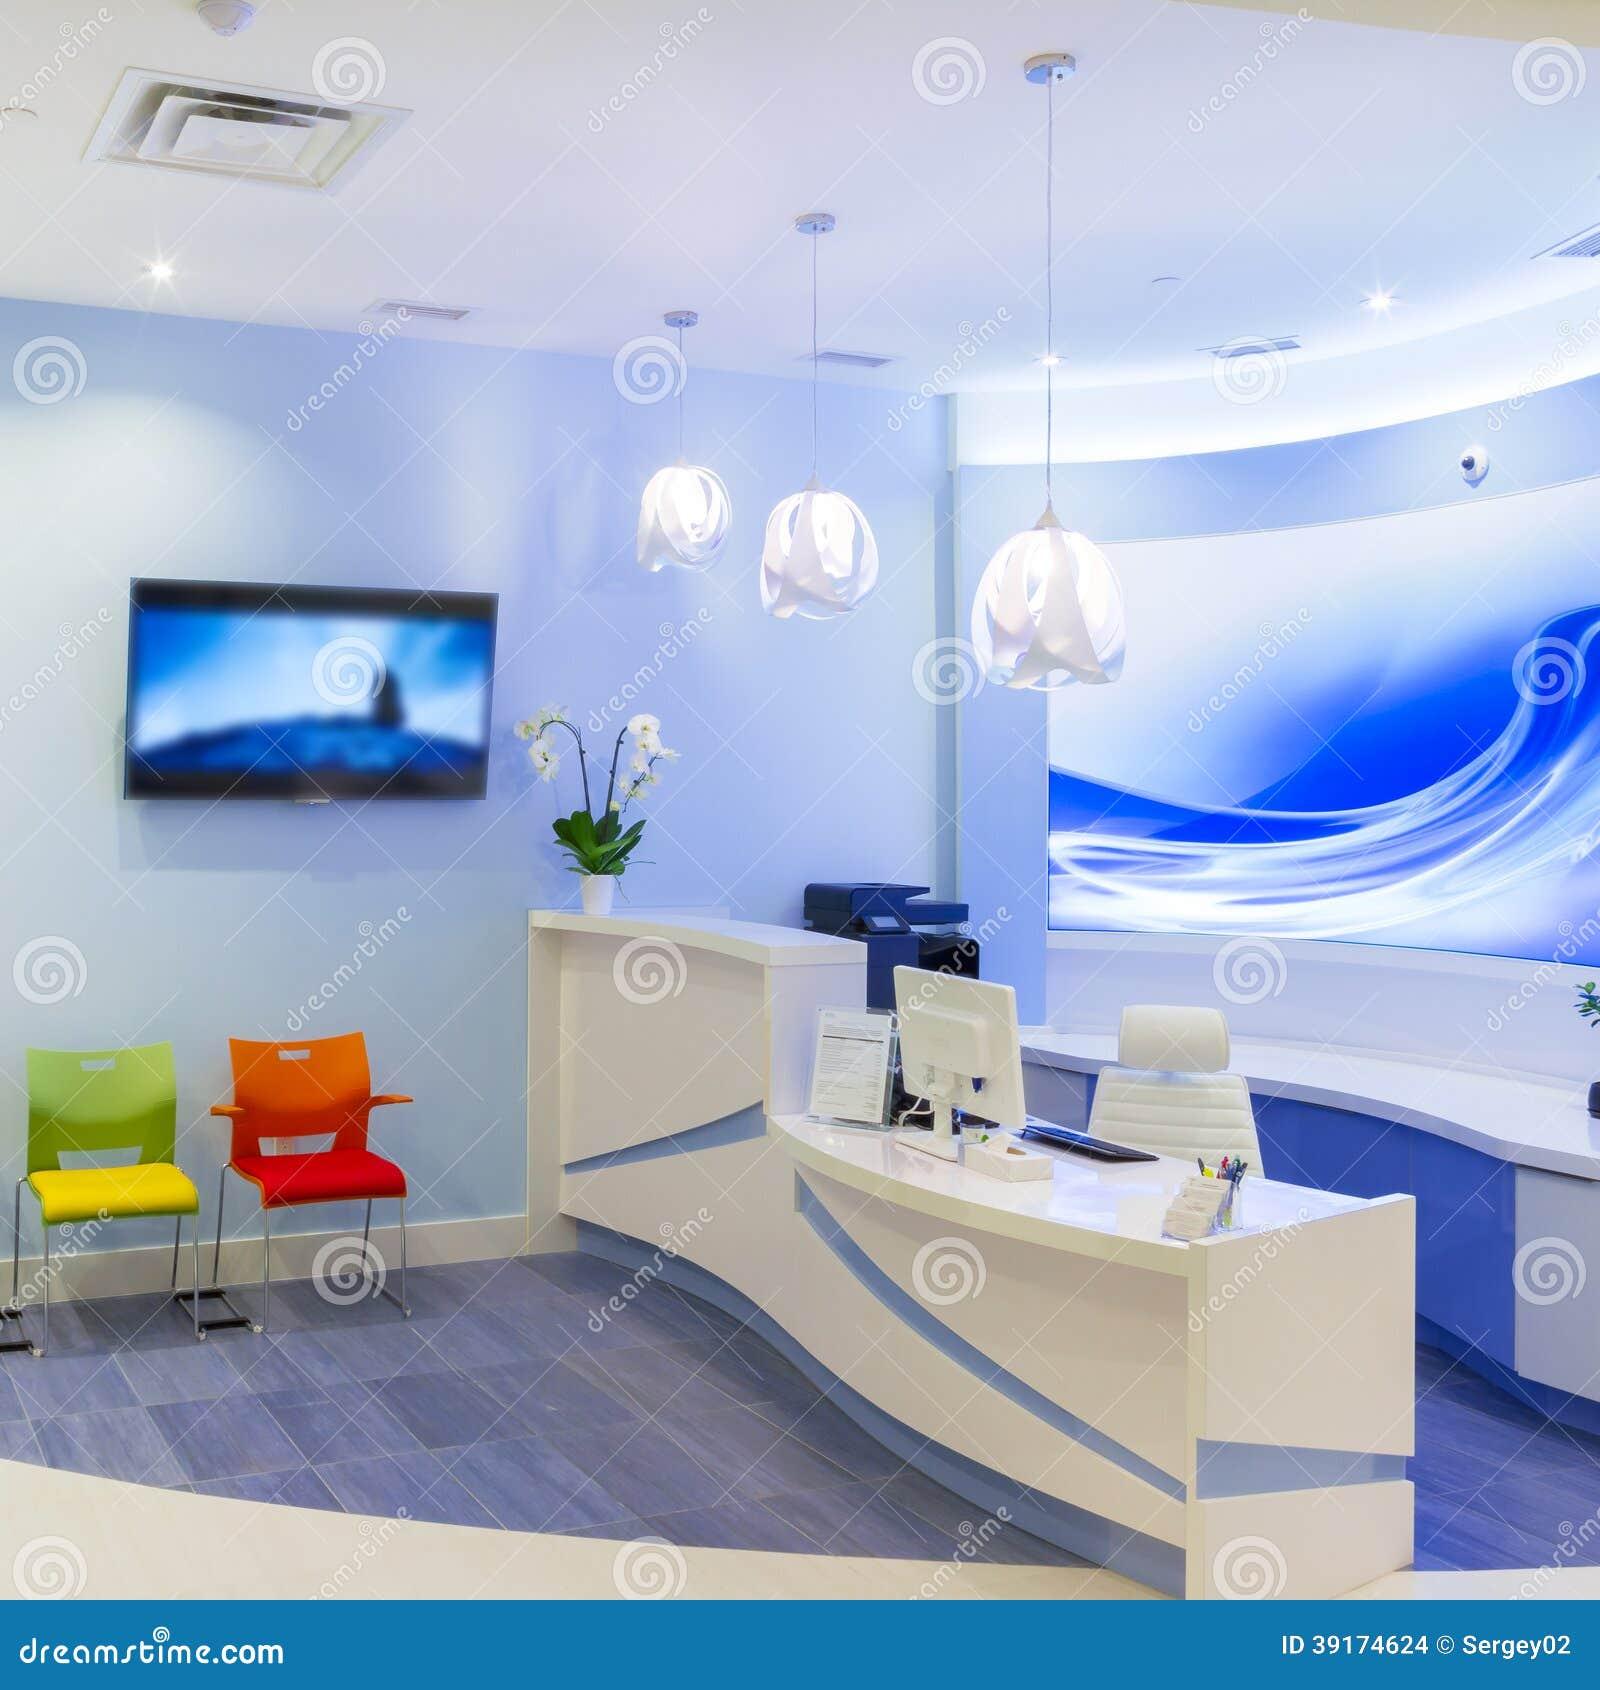 Innenarchitektur stockfoto. Bild von dekor, halle, gebäude - 39174624